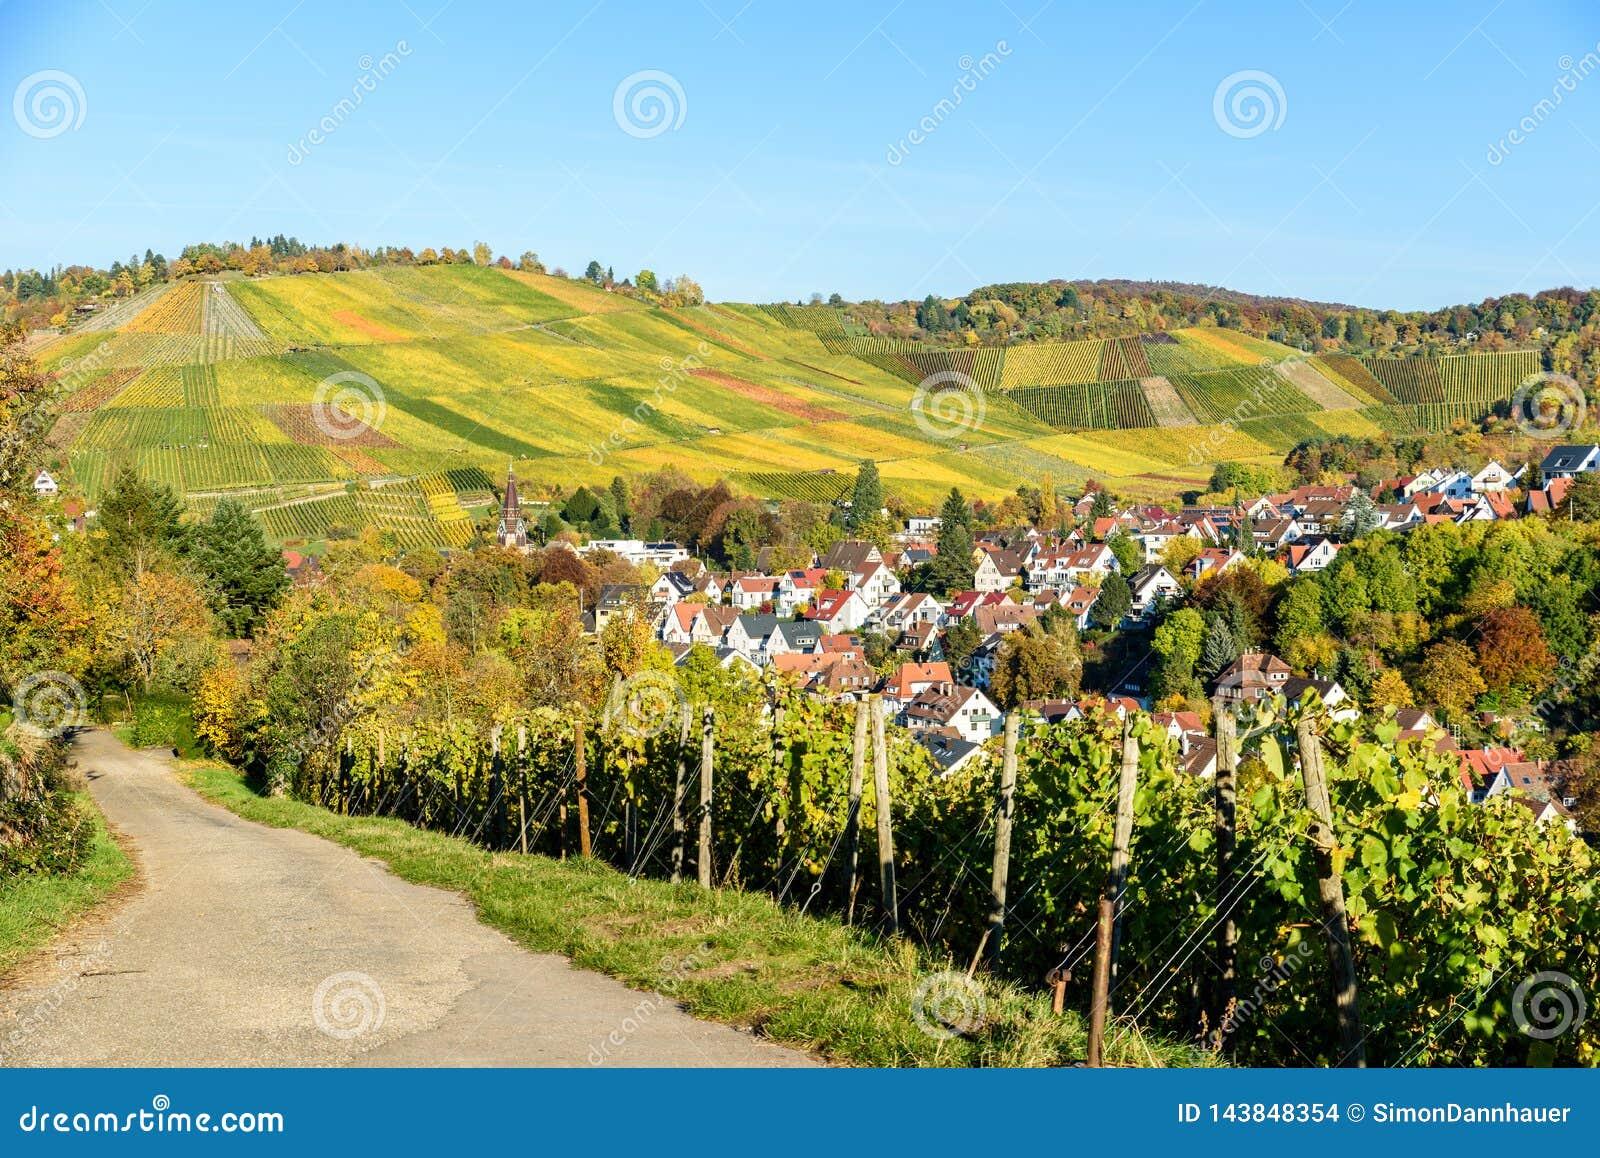 Weinberge in Stuttgart, Uhlbach am Neckar-Tal - sch?ne Landschaft im autum in Deutschland